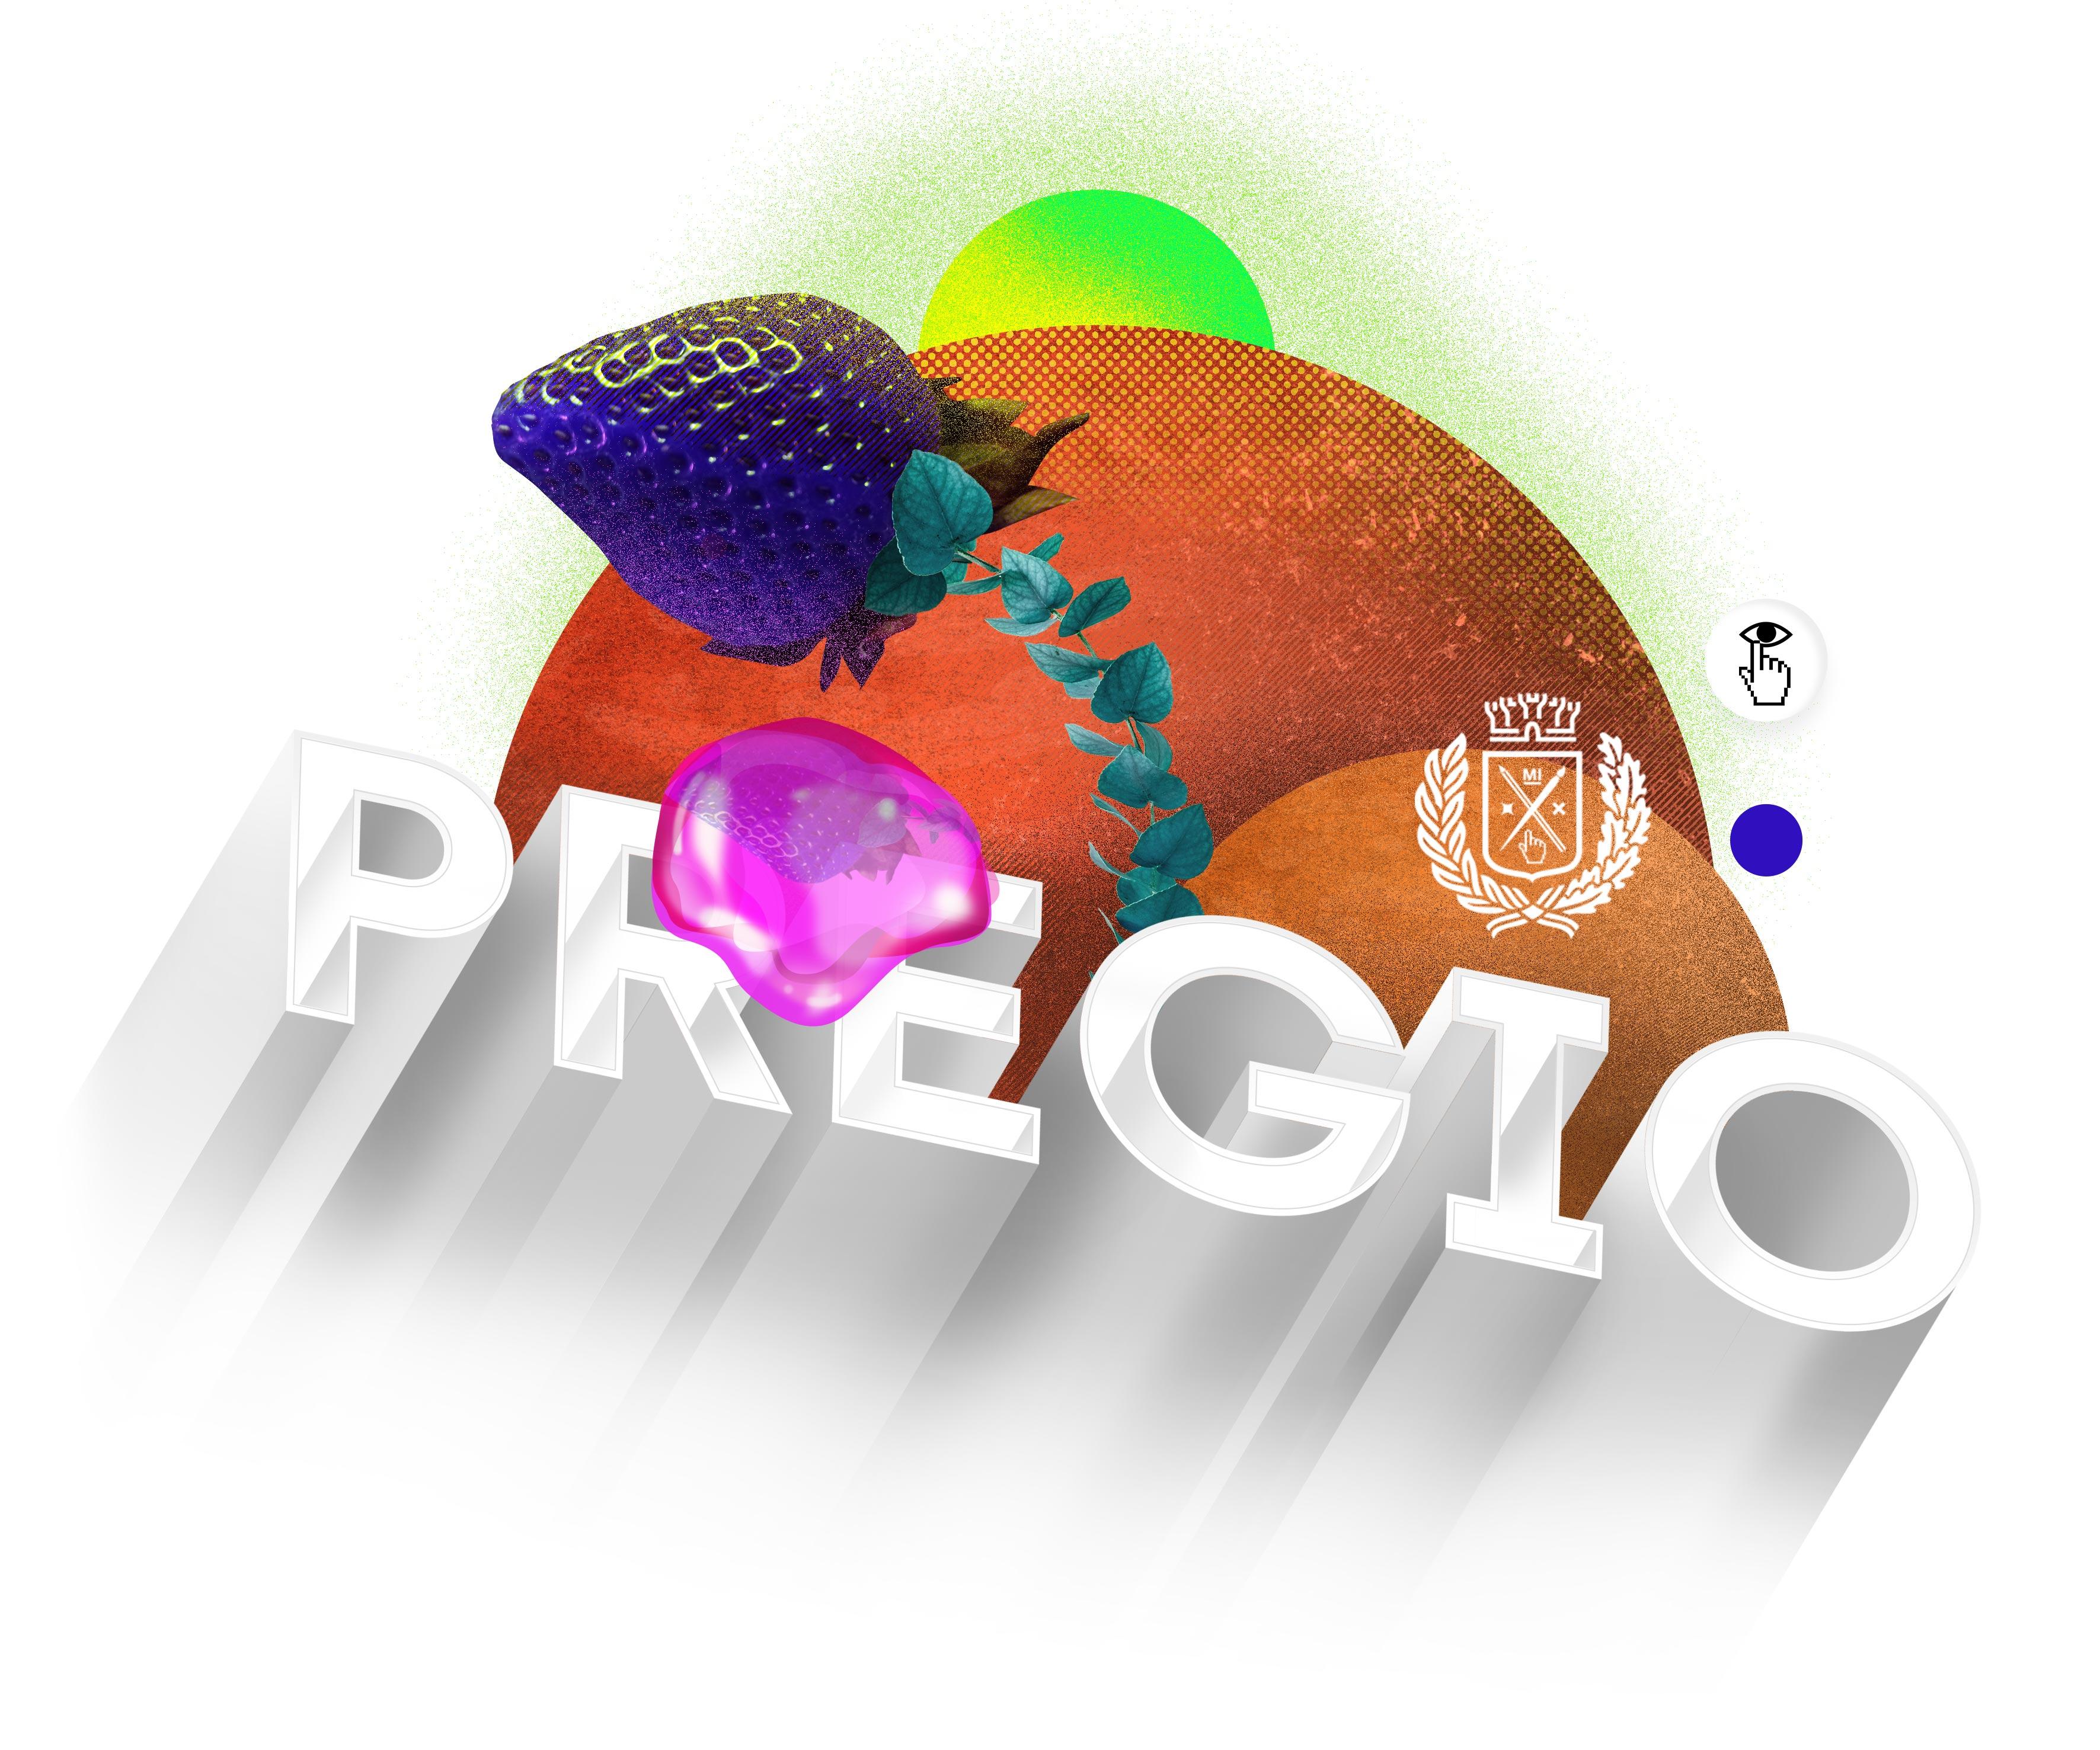 PREGIO 2